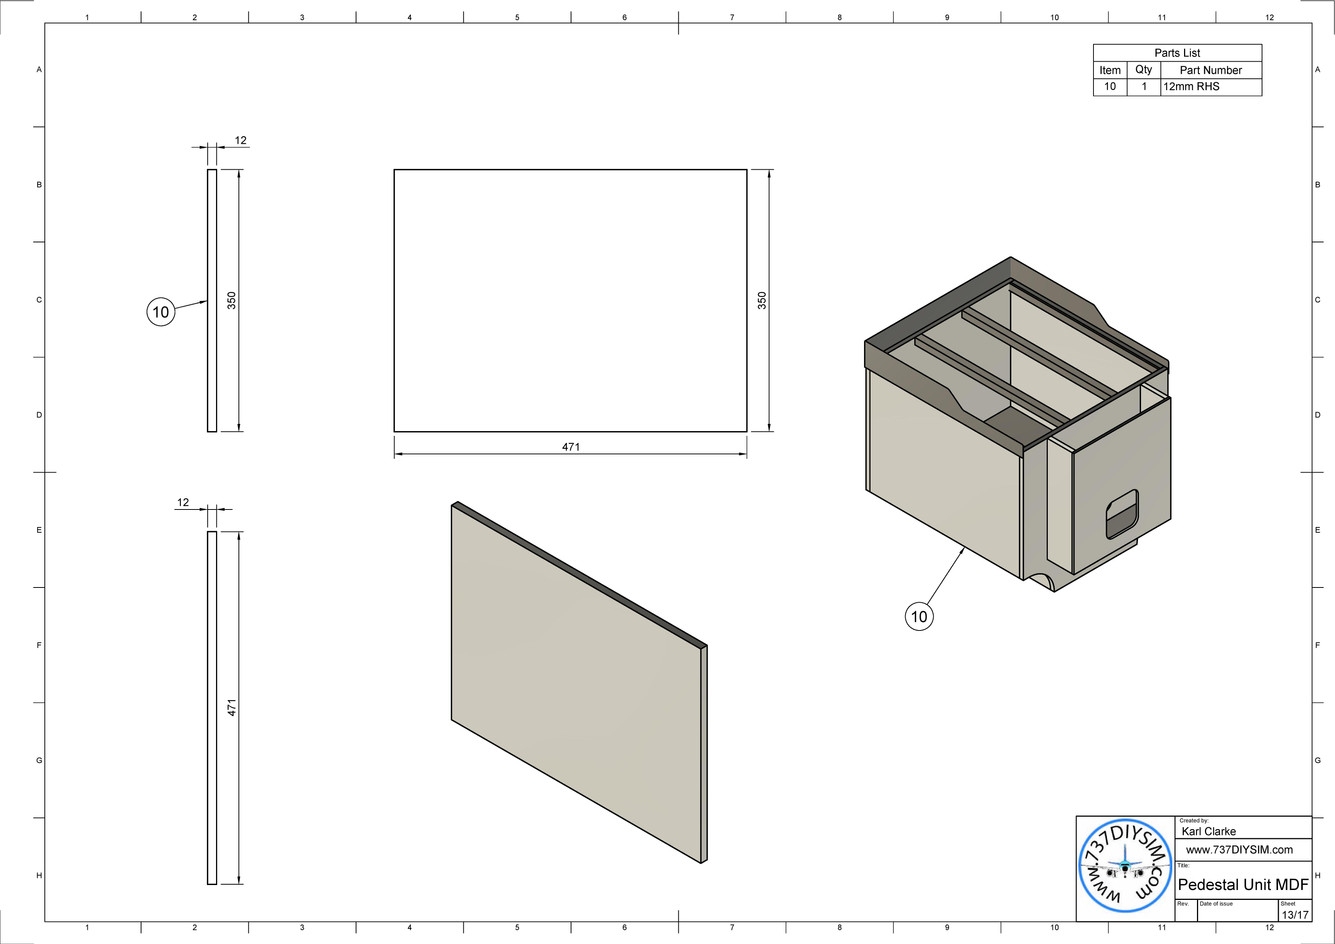 Pedestal Unit MDF Drawing v2-page-013.jp